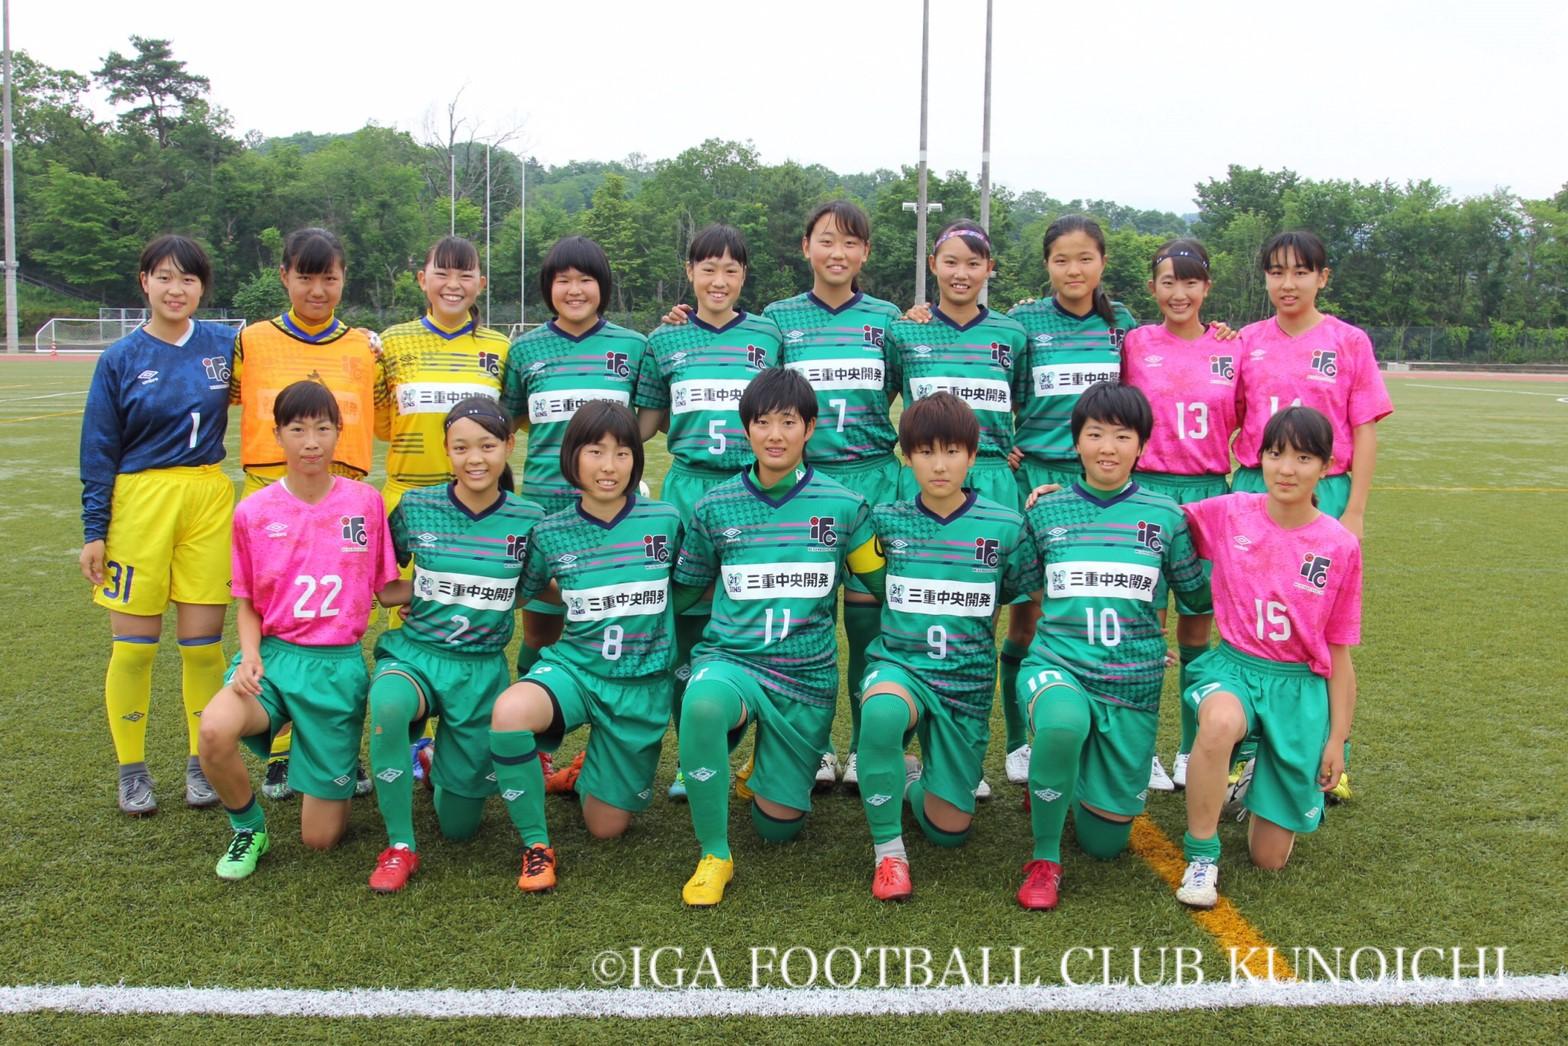 XF CUP 2019 第1回日本クラブユース女子サッカー大会(U-18)東海予選 試合結果